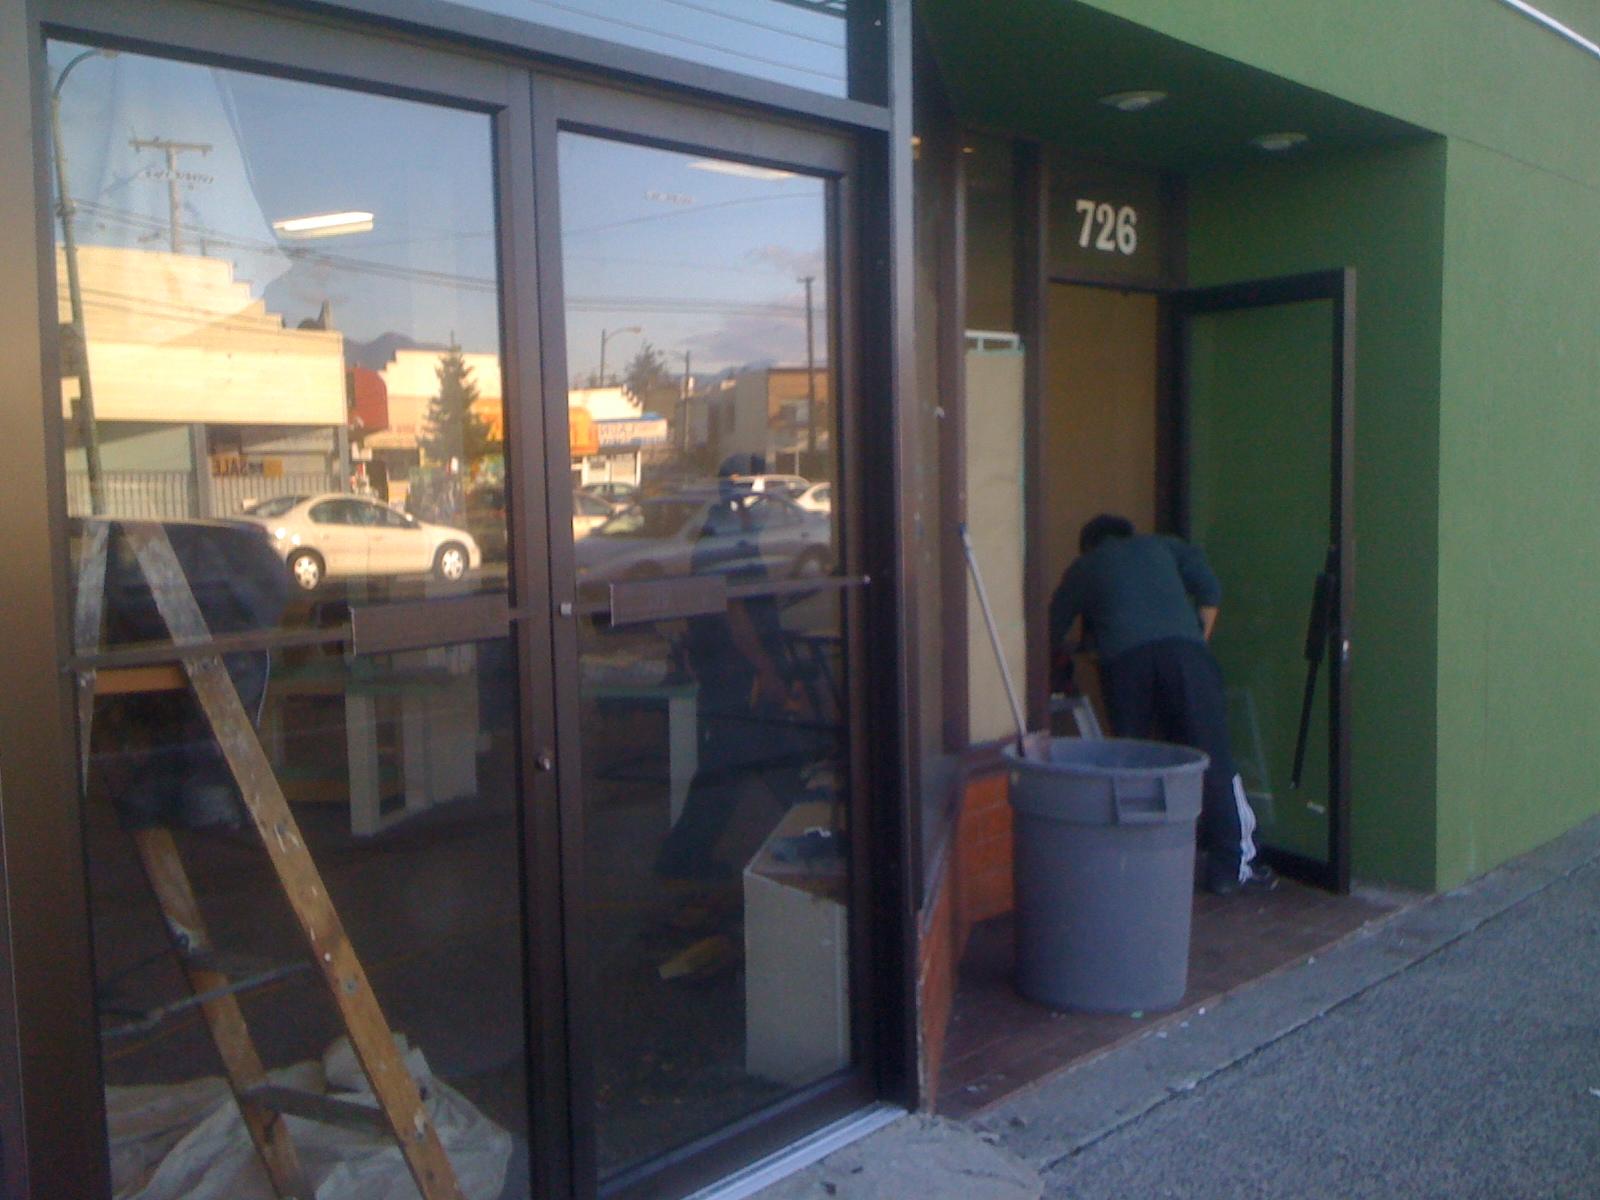 New Store Door This New Aluminum Glass Store Door Has All Hardware